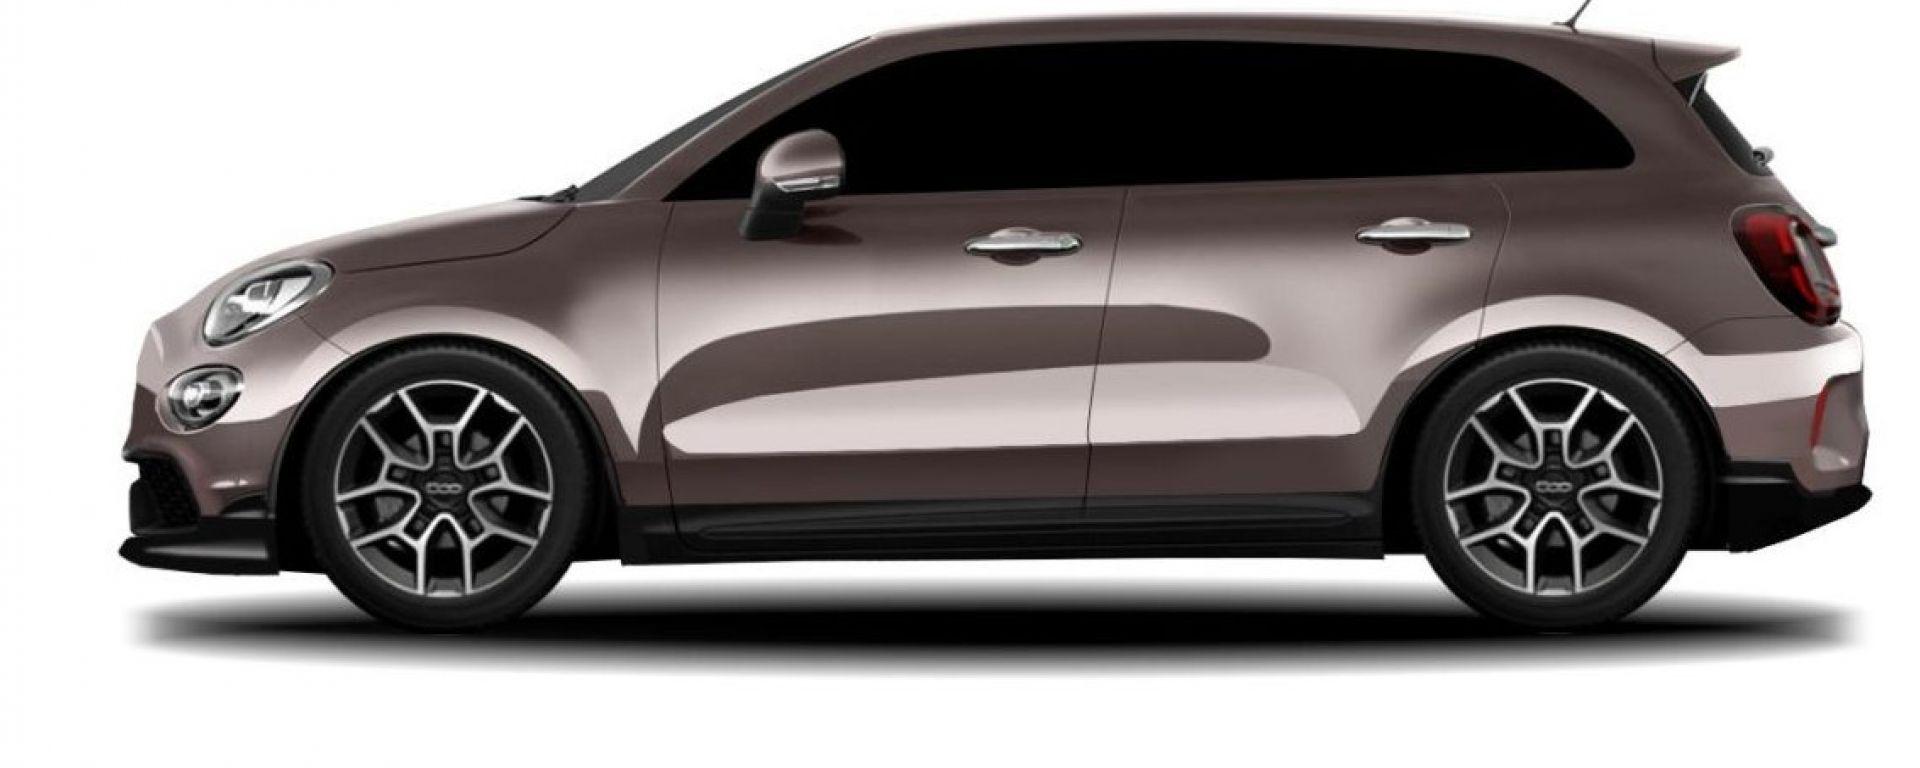 Fiat 500 Giardiniera, via libera al progetto. Ipotesi e certezze